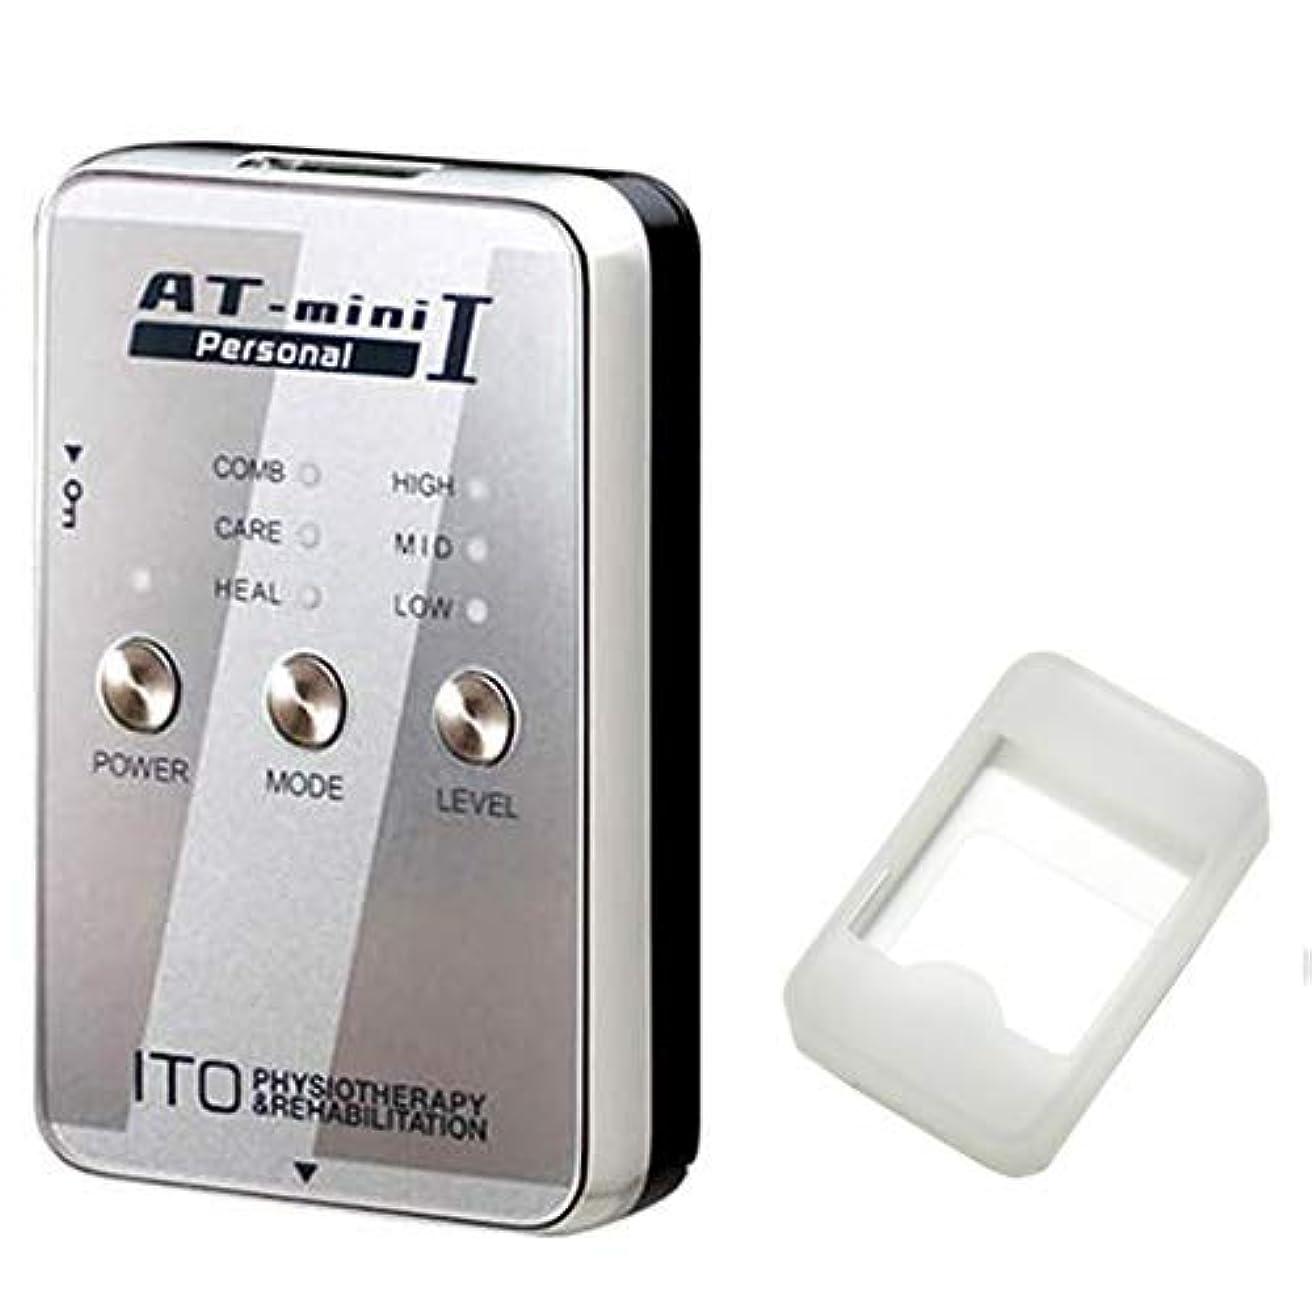 衣類適応する東方低周波治療器 AT-mini personal I シルバー (ATミニパーソナル1) + シリコン保護ケース